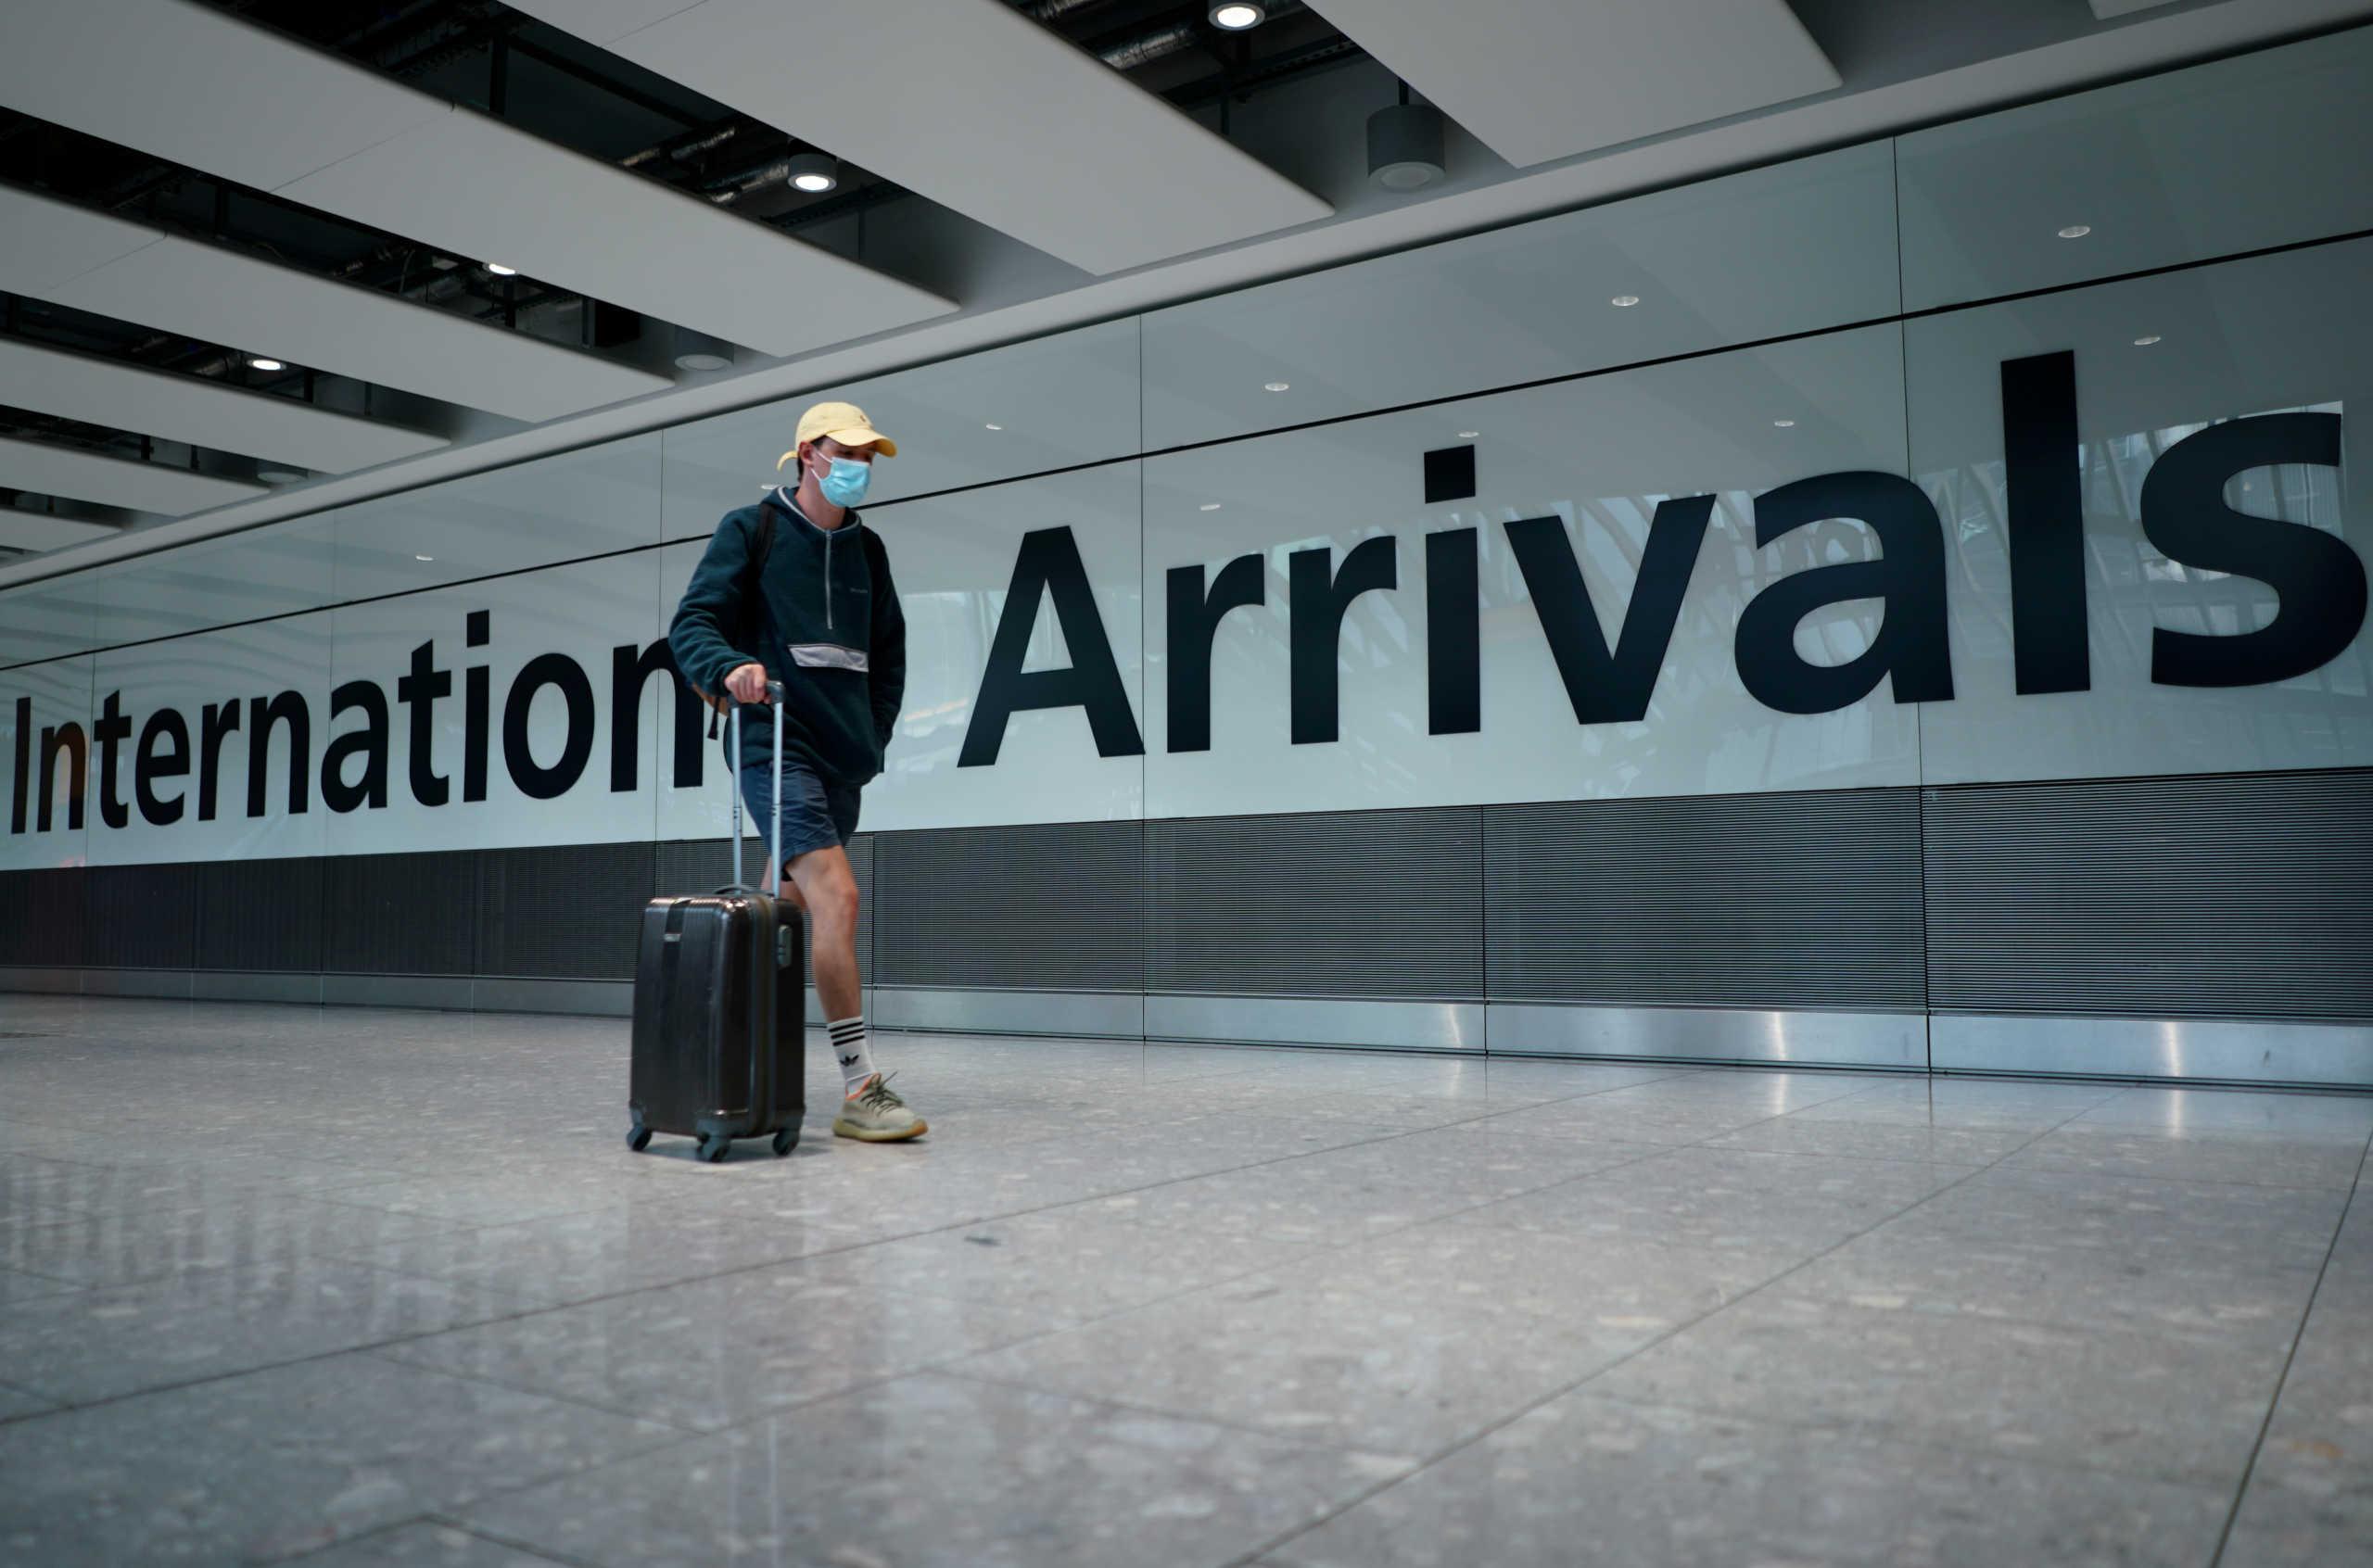 Βέλγιο: Σε καραντίνα επτά ημερών οι κάτοικοι που επιστρέφουν από το εξωτερικό